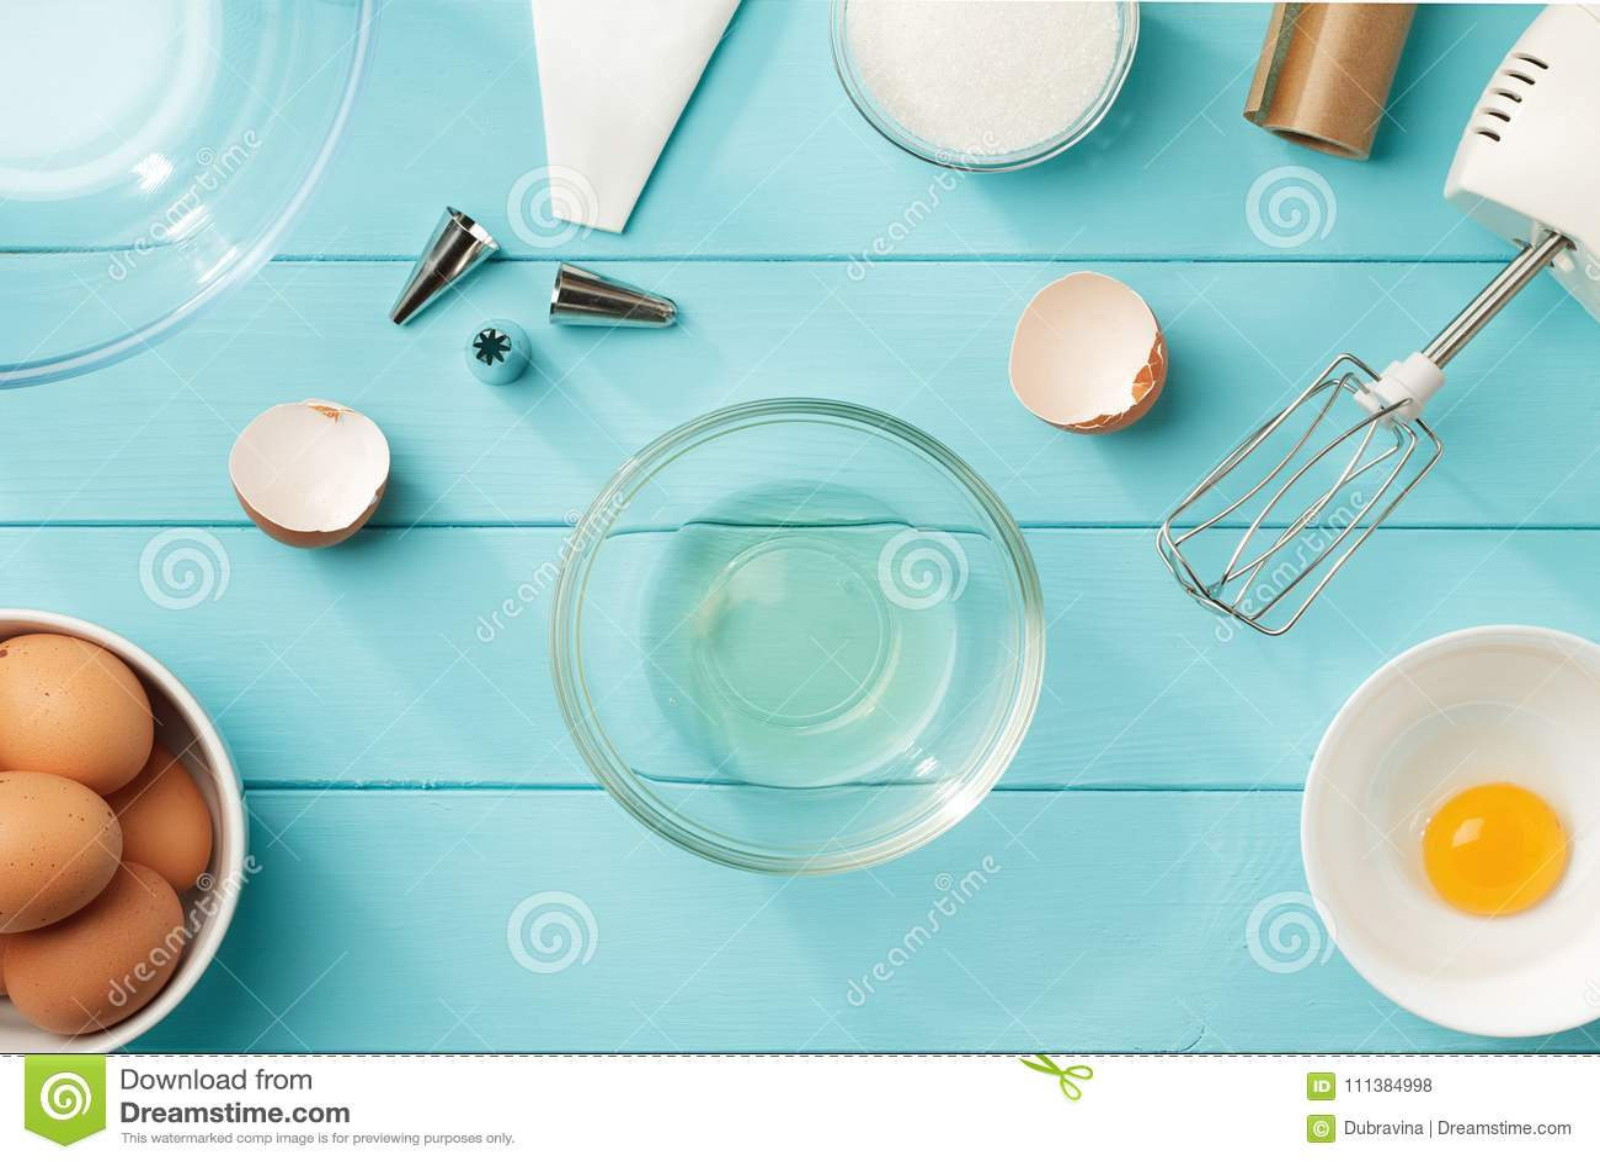 烹饪背景用被分离的蛋白和卵黄质在碗在蓝色木桌上